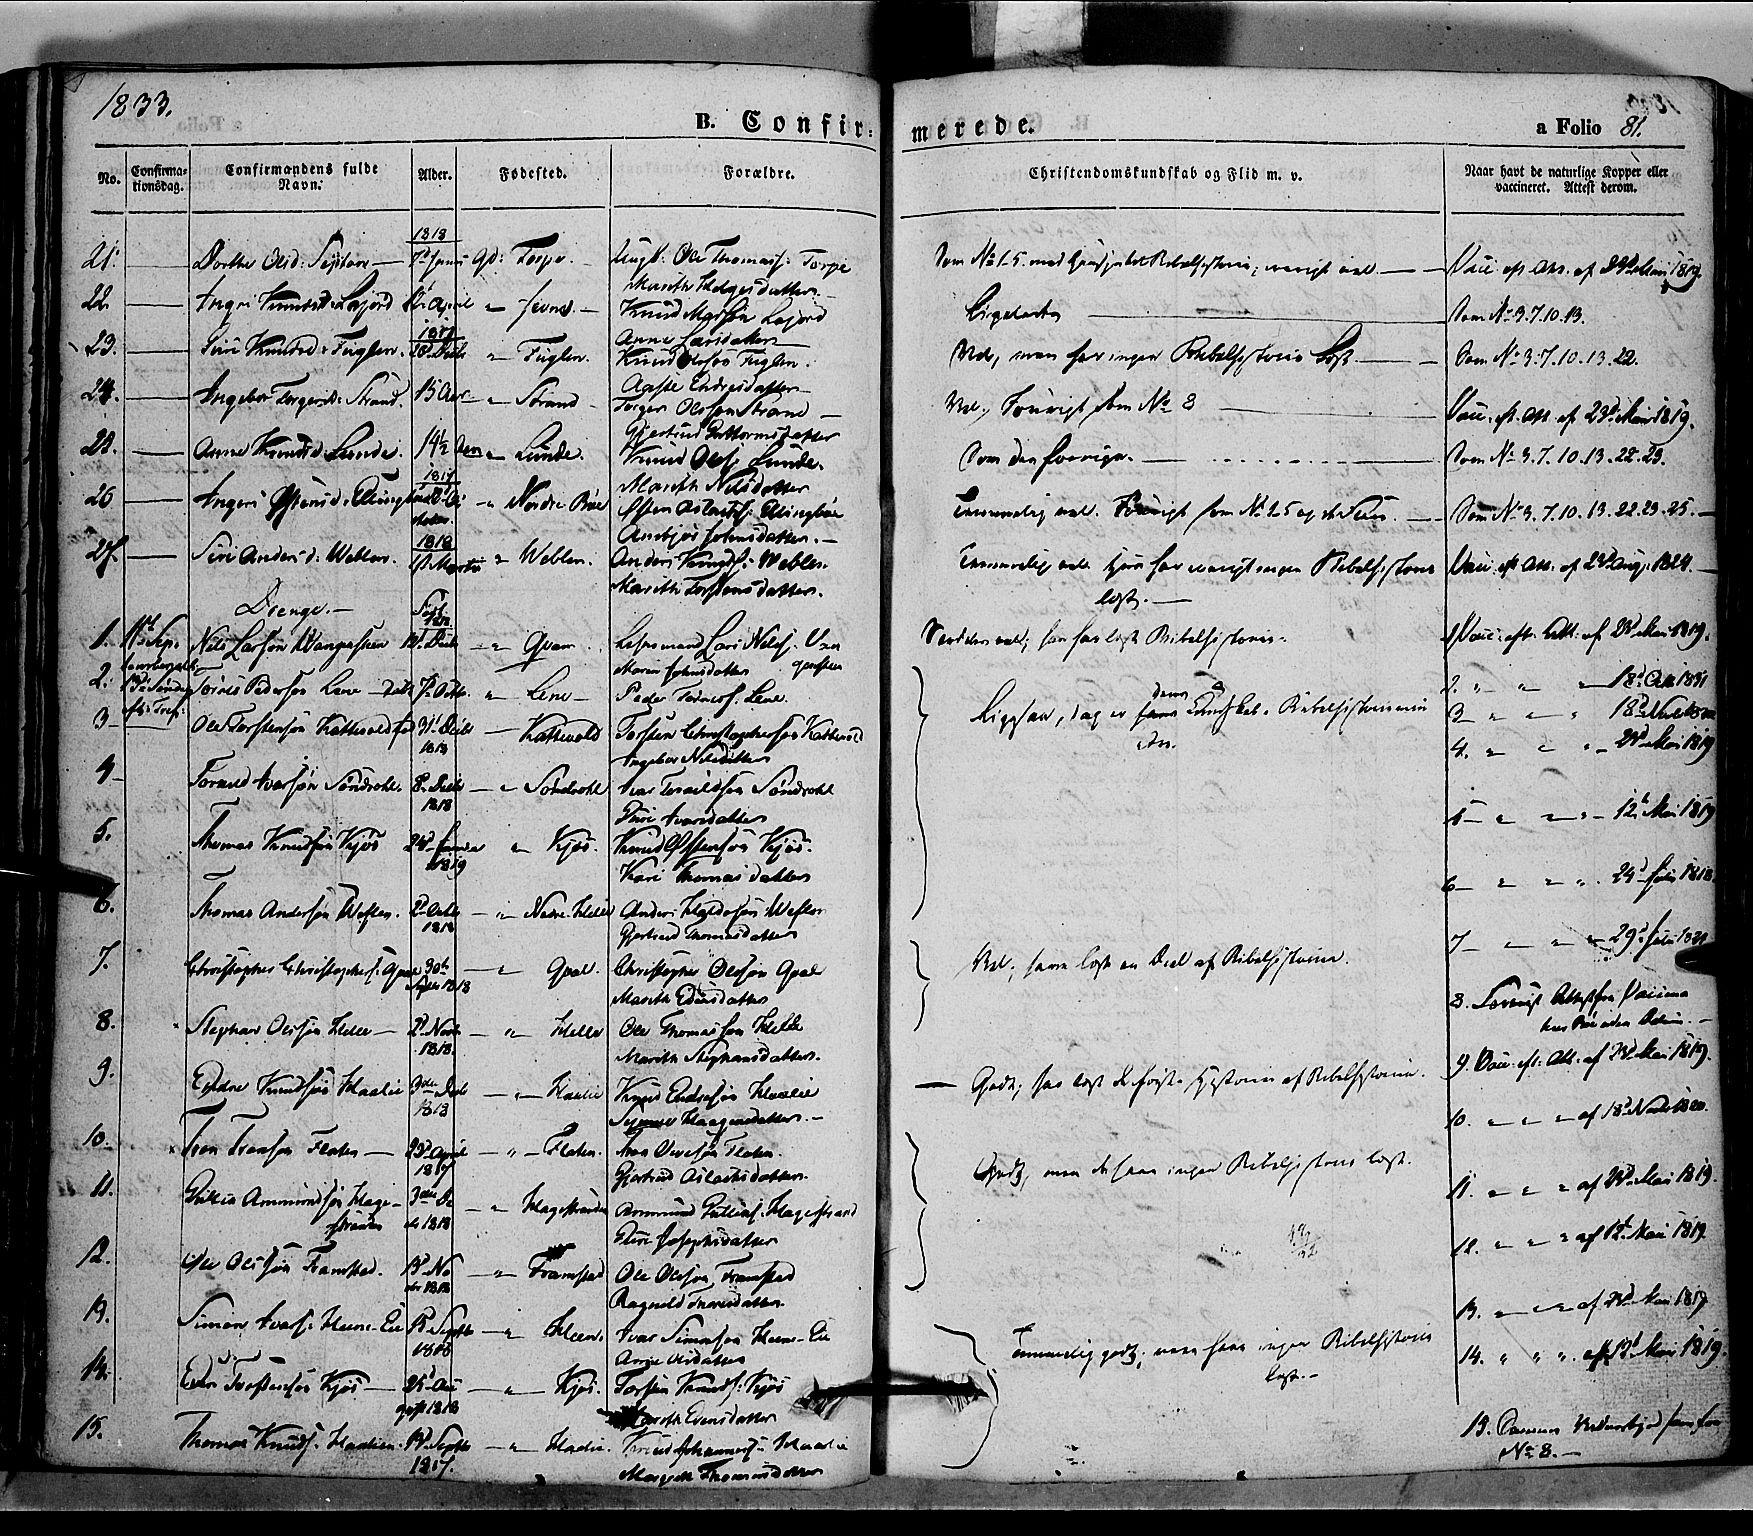 SAH, Vang prestekontor, Valdres, Ministerialbok nr. 5, 1831-1845, s. 81